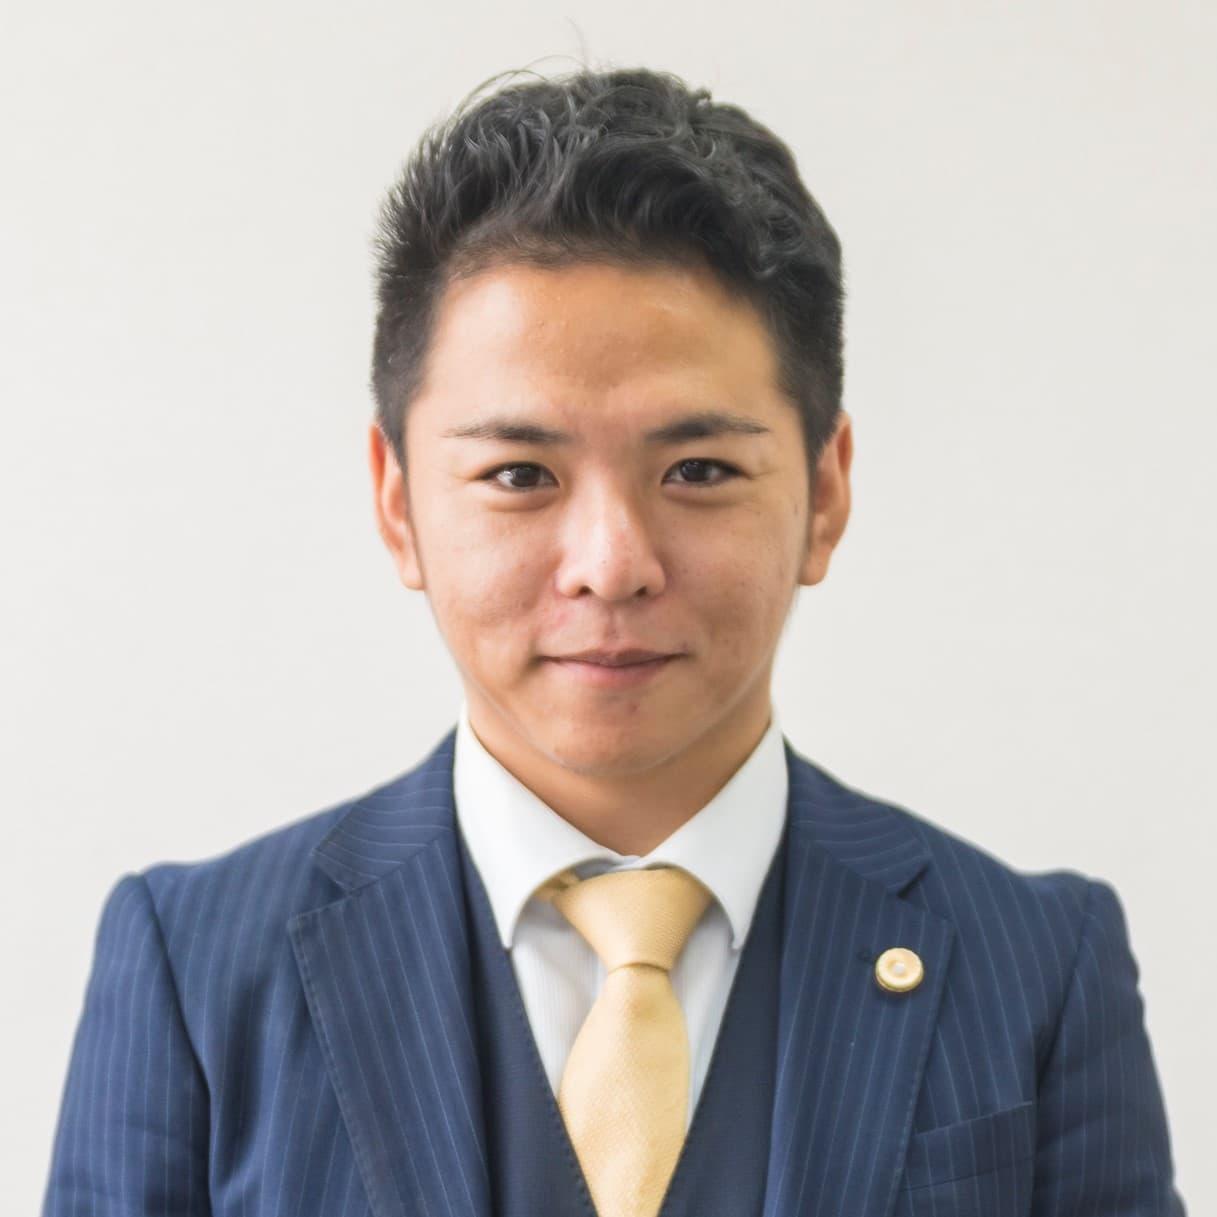 吉村歩弁護士